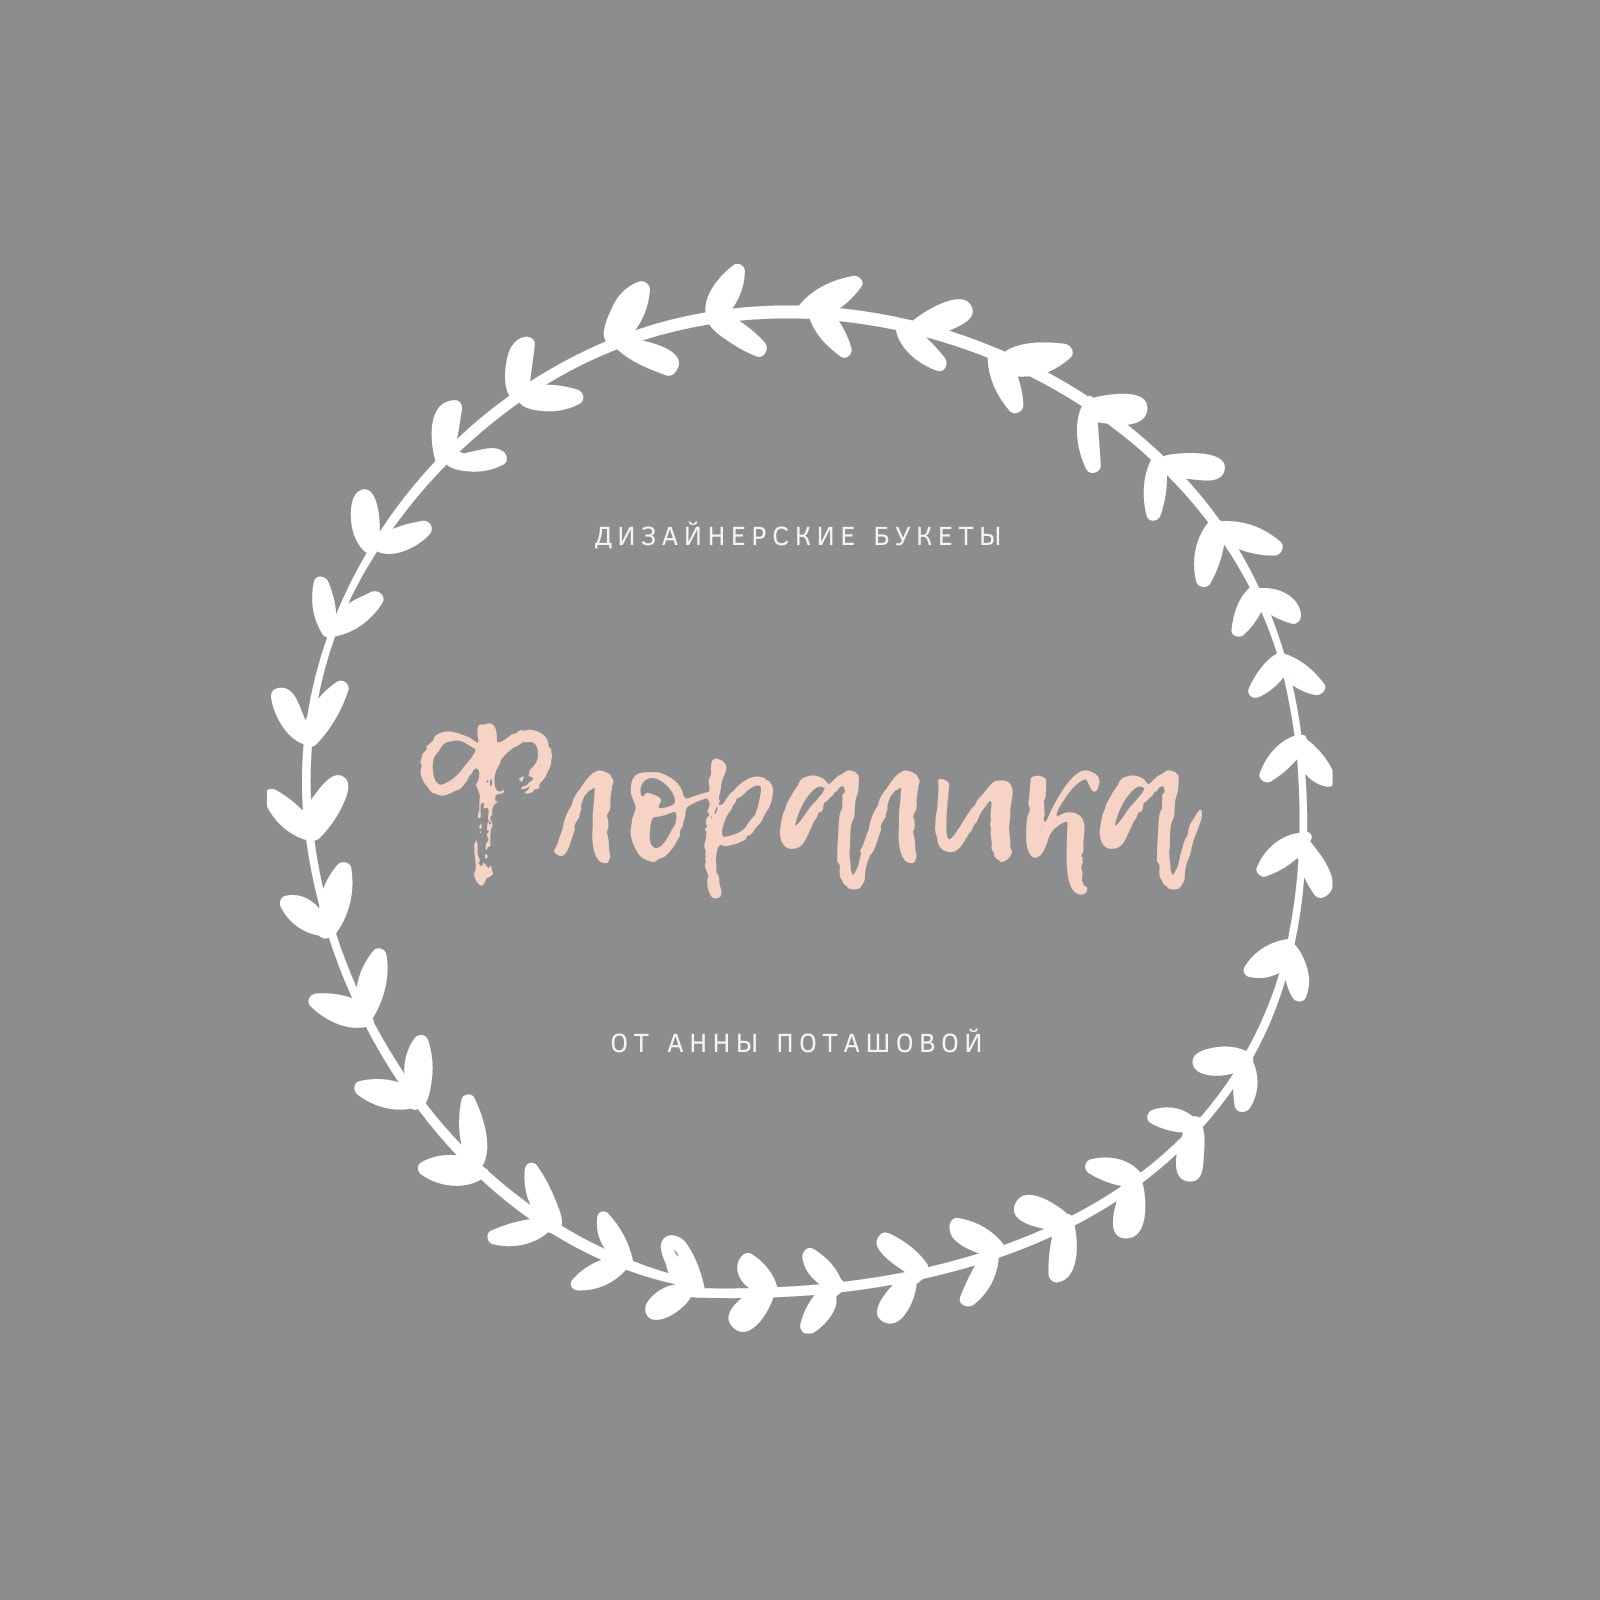 Серый Круг Листья Цветочный Логотип